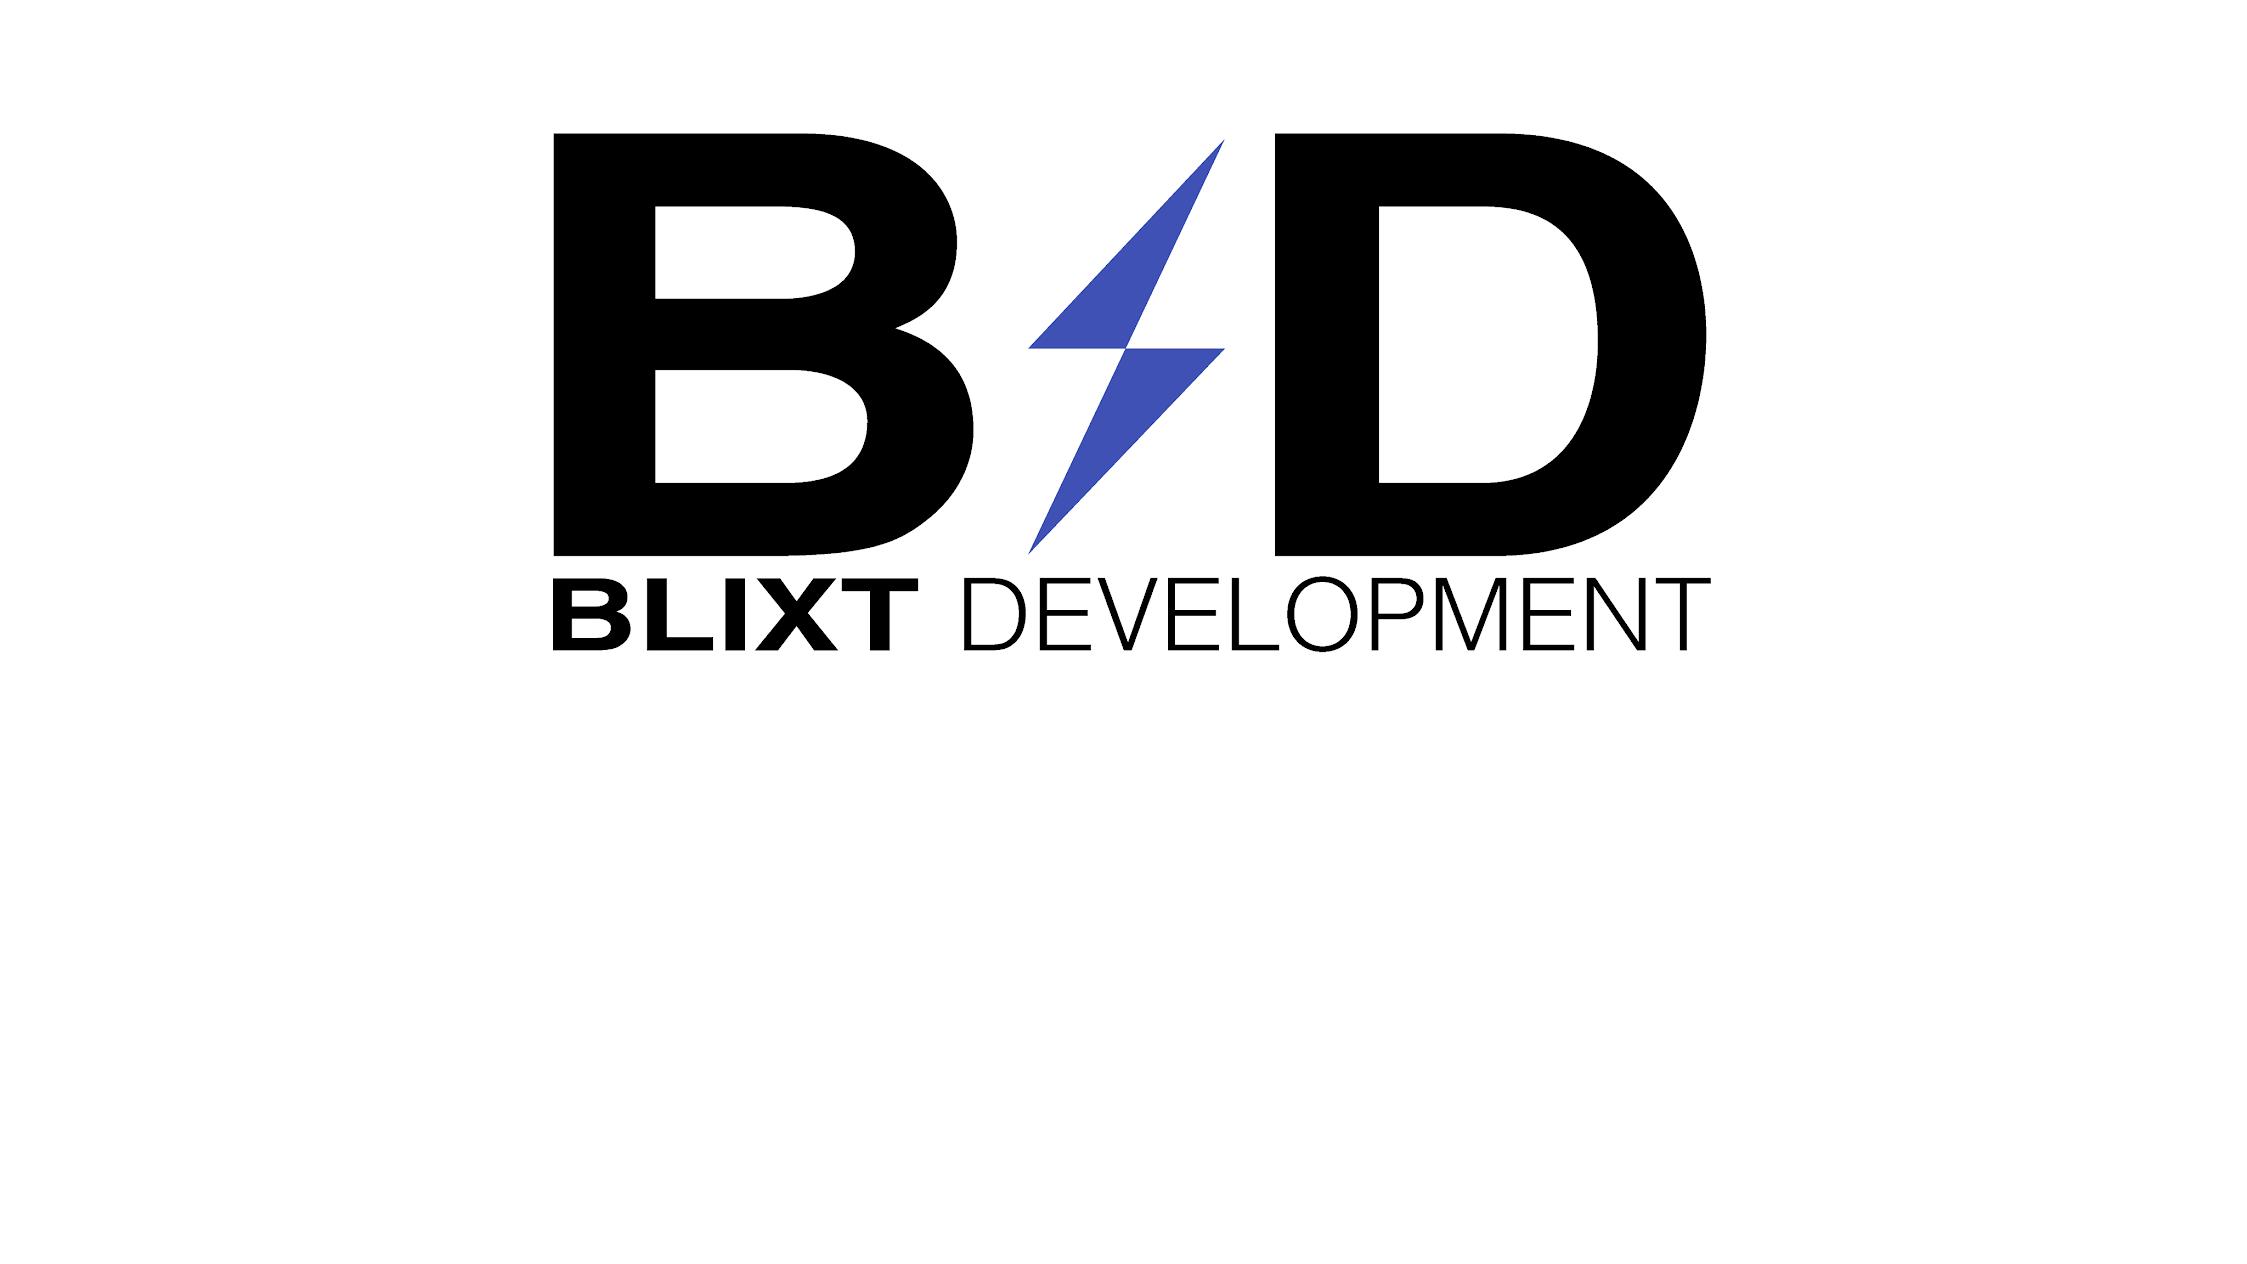 Blixt Development